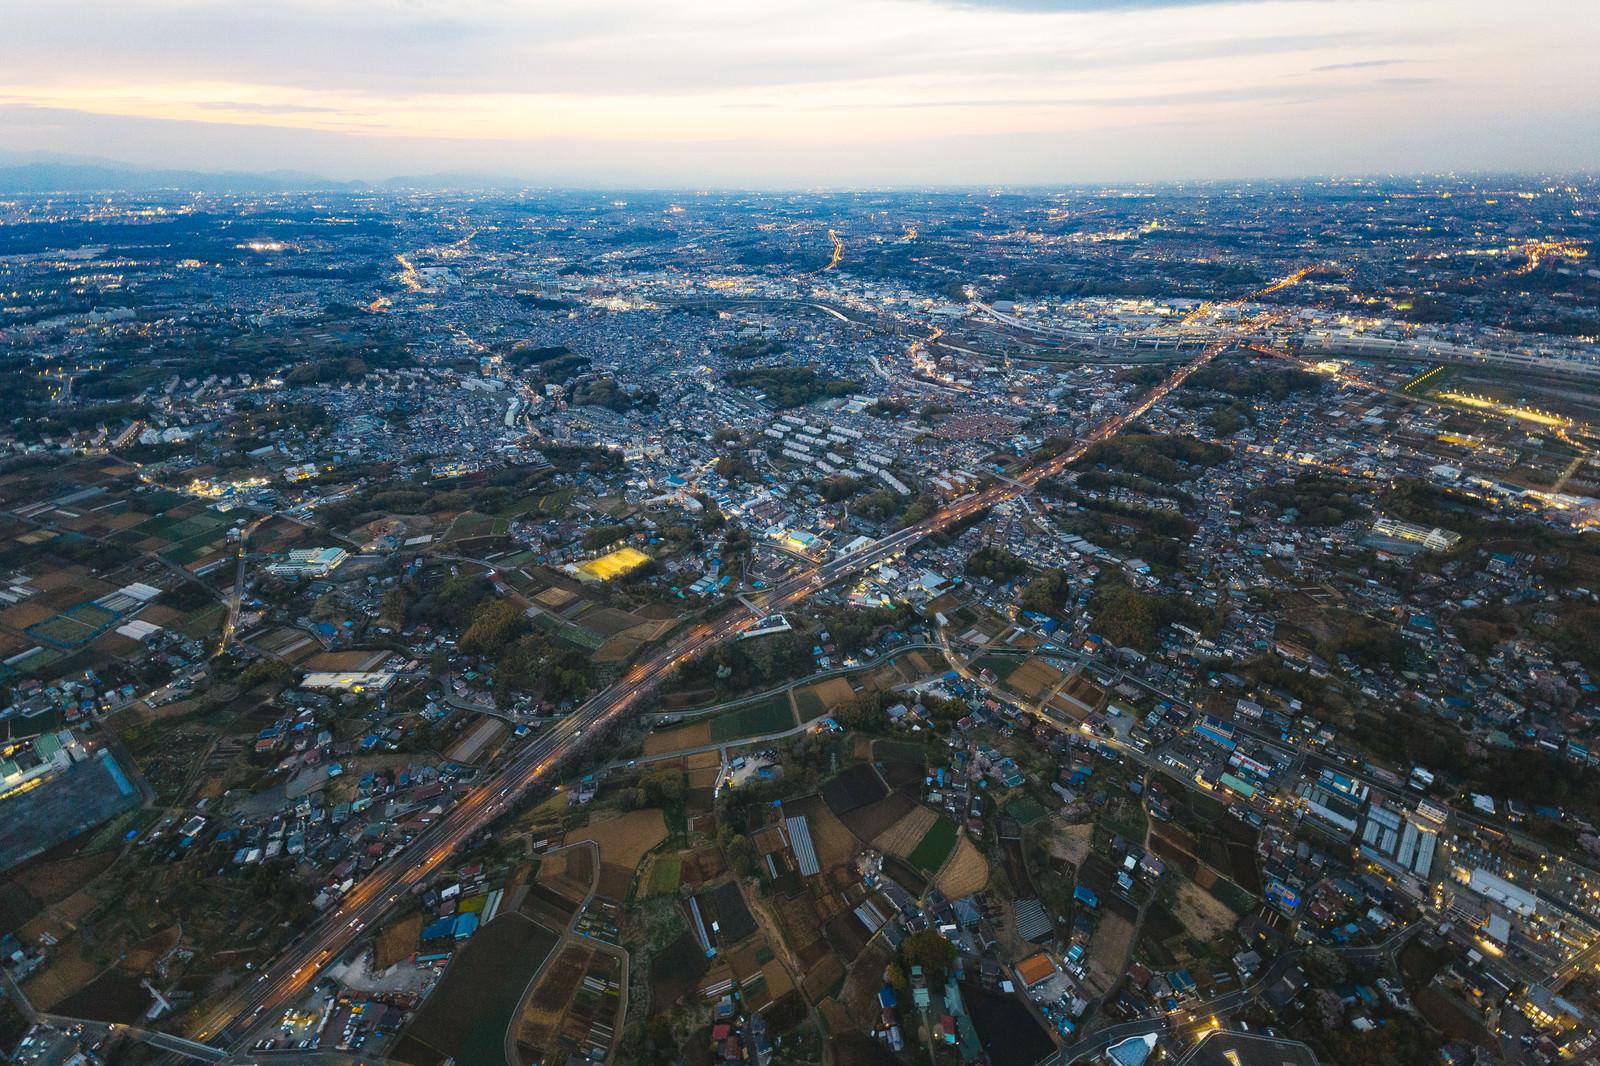 「上空から撮影した高速道路」の写真